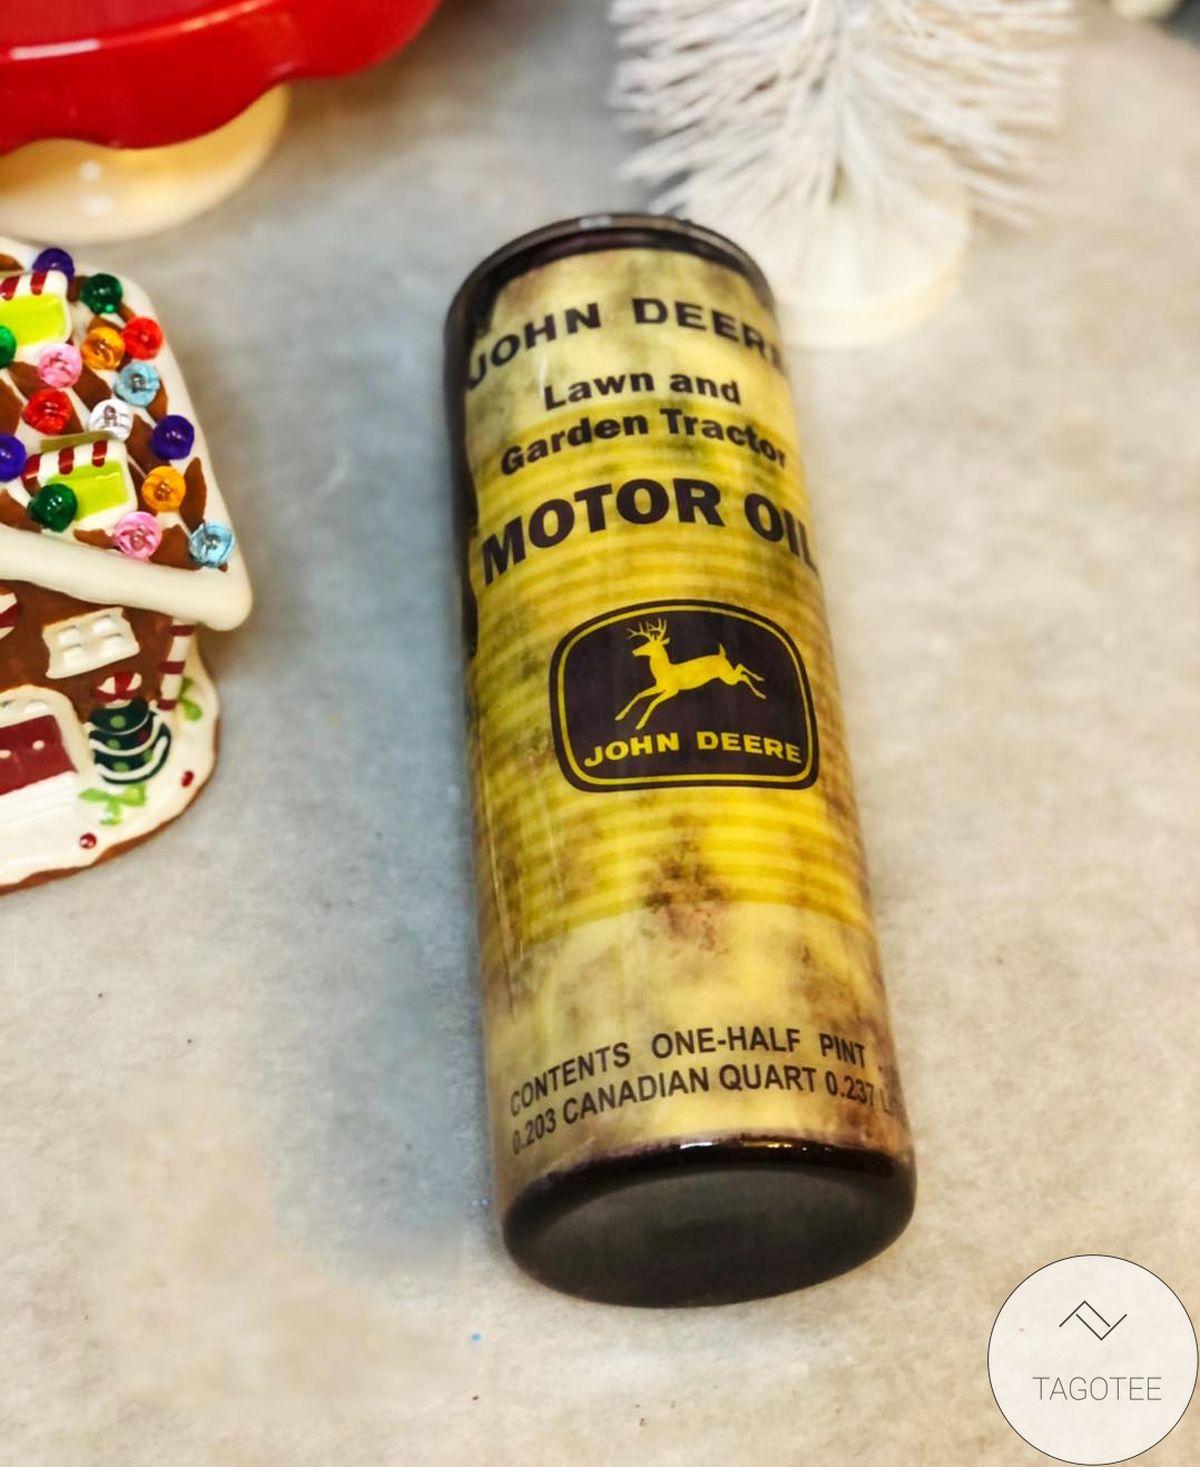 John Deere Motor Oil Skinny Tumbler